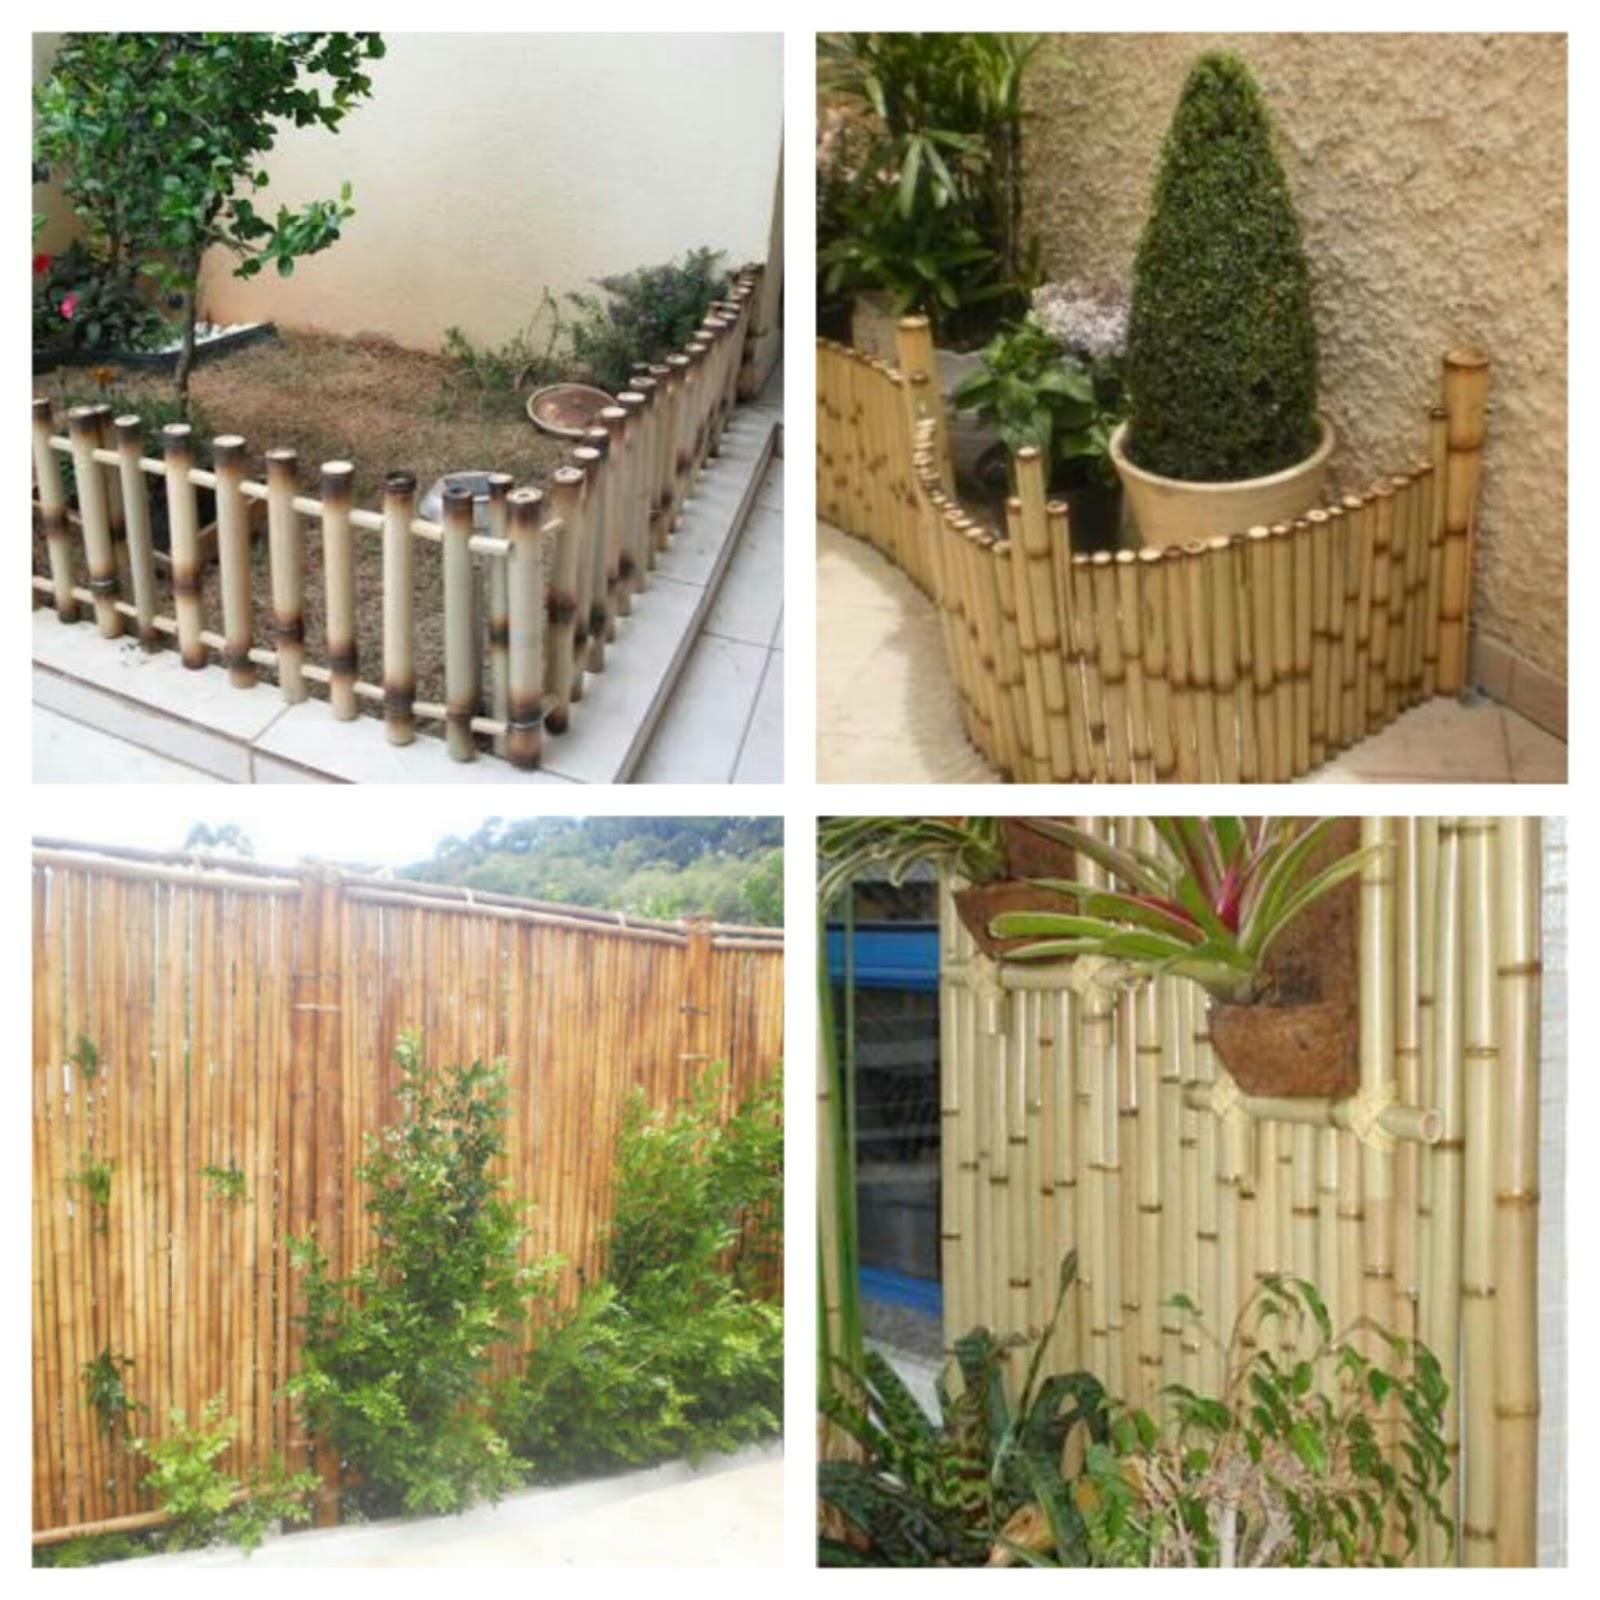 Também podemos fazer uma passarela com bambu no piso e na cobertura  #906C3B 1600x1600